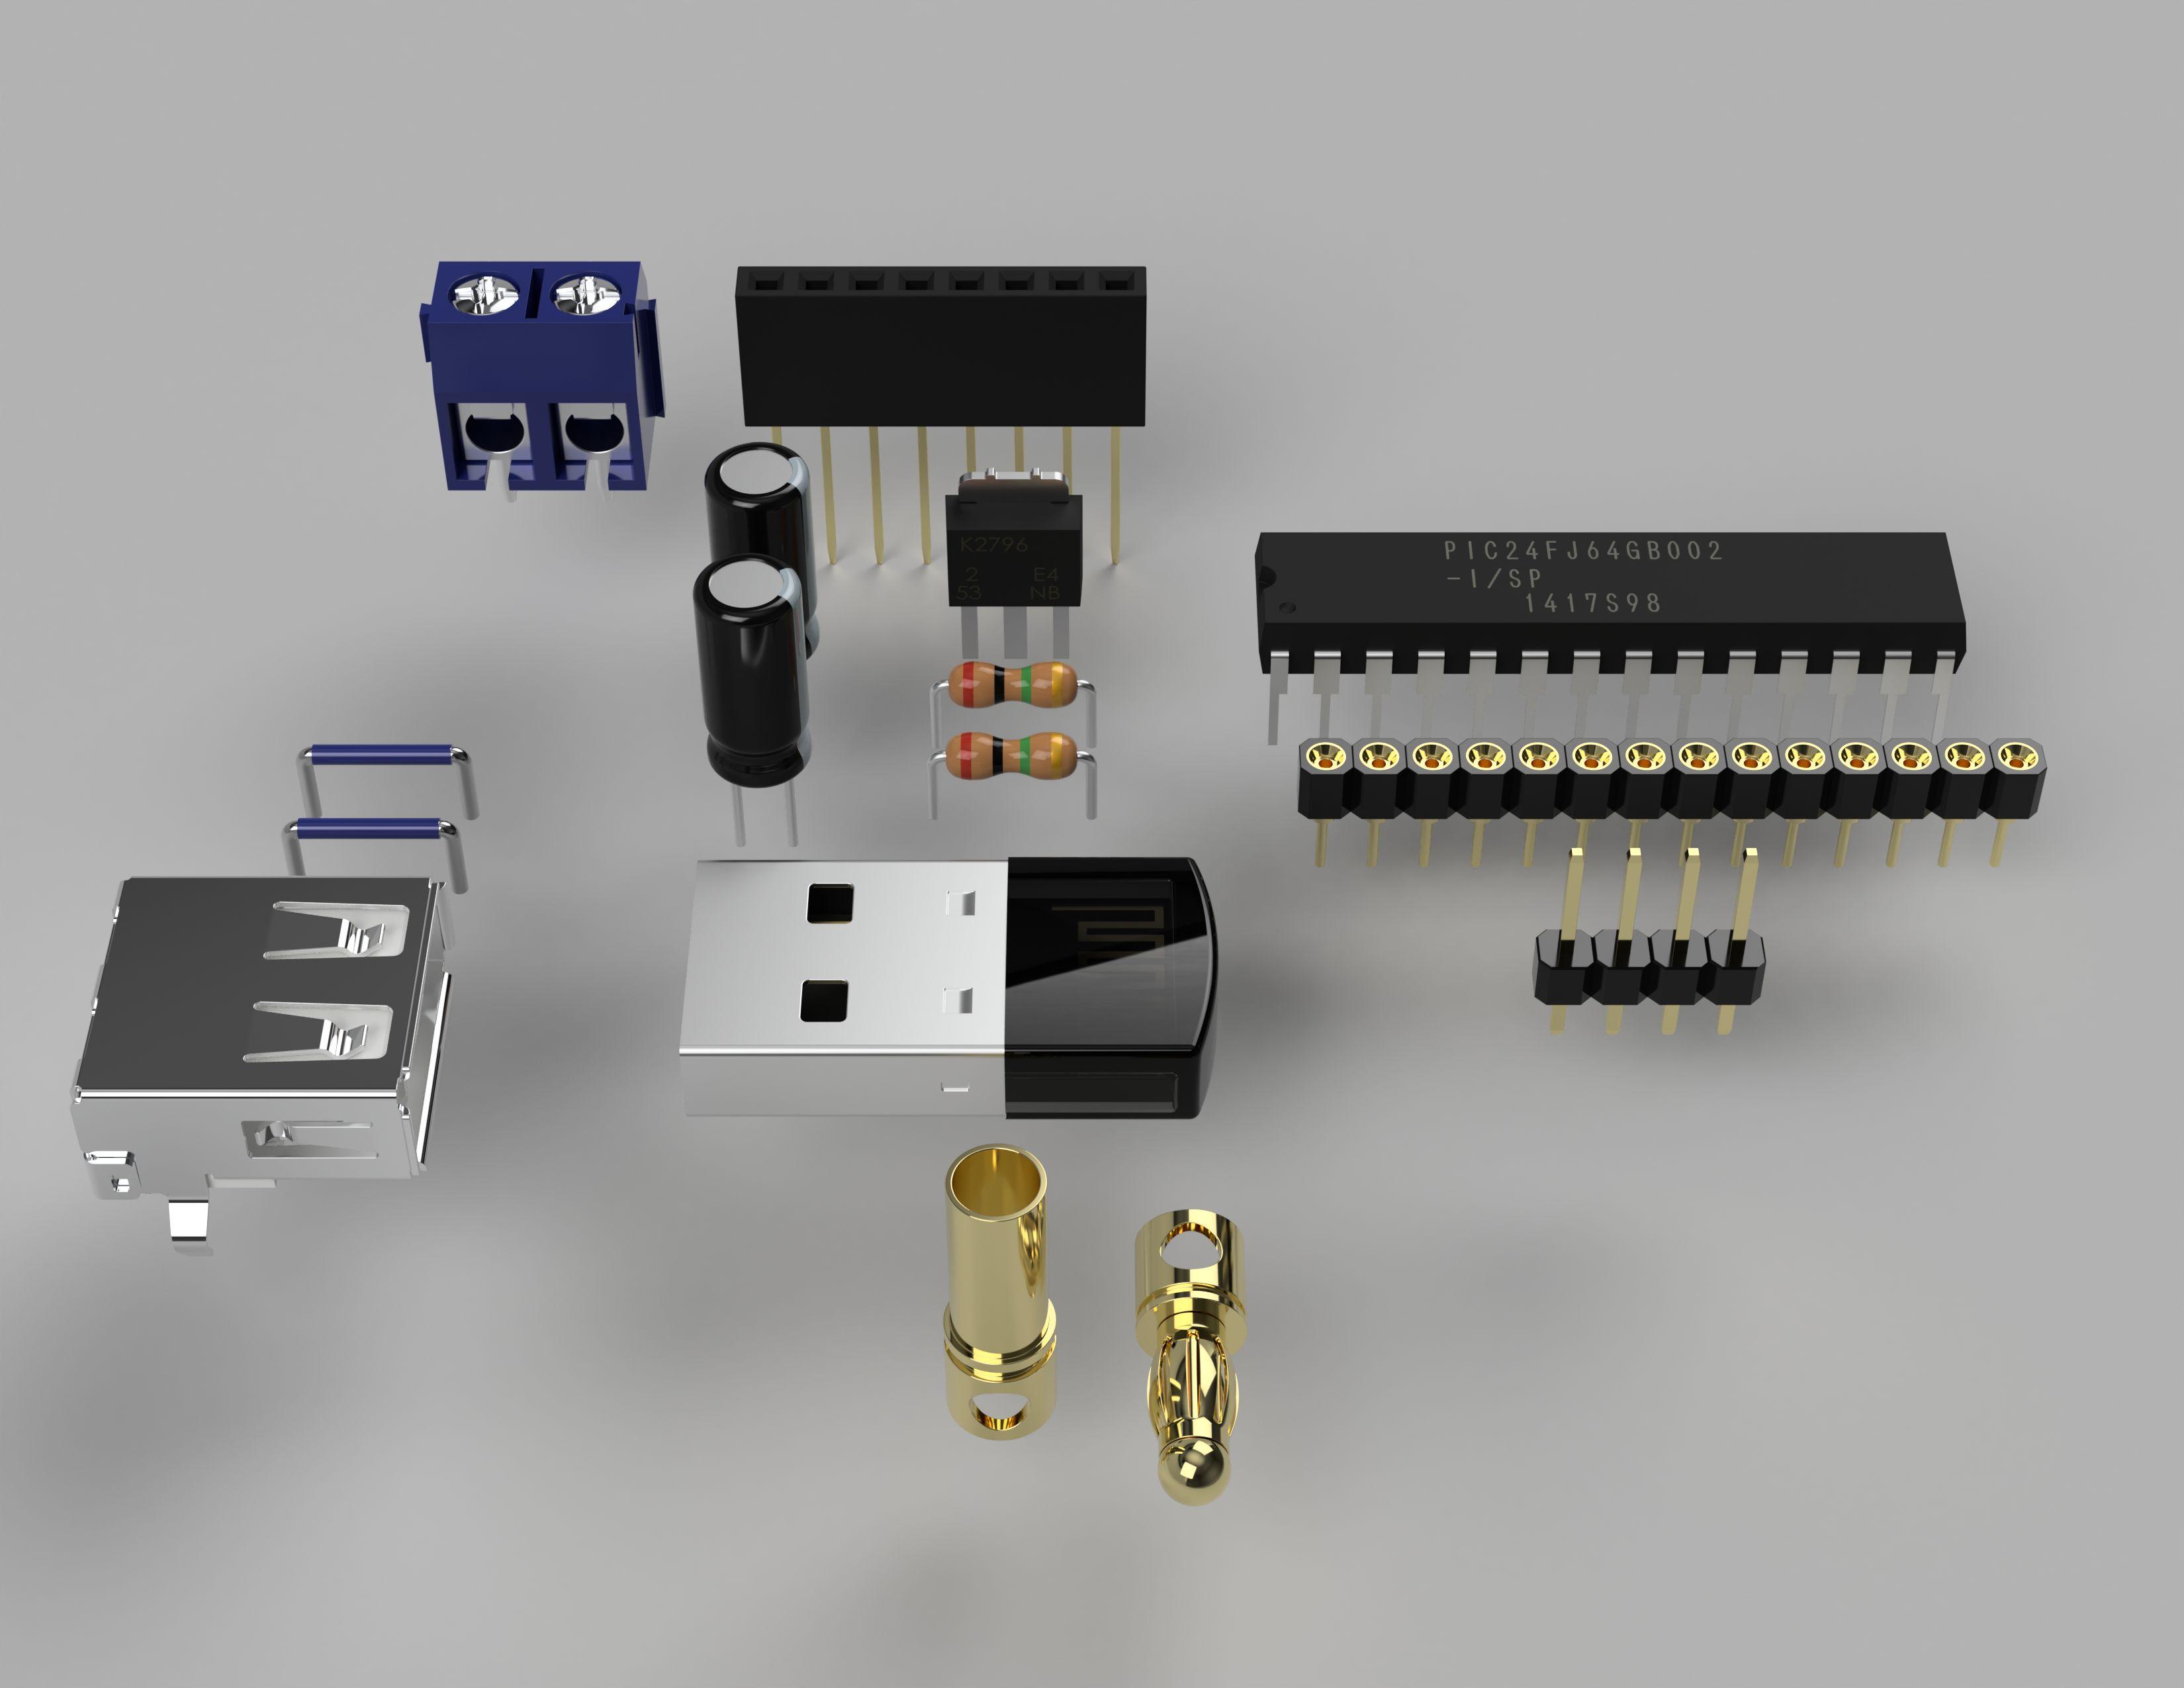 Electroniccomponentparts-3-3500-3500